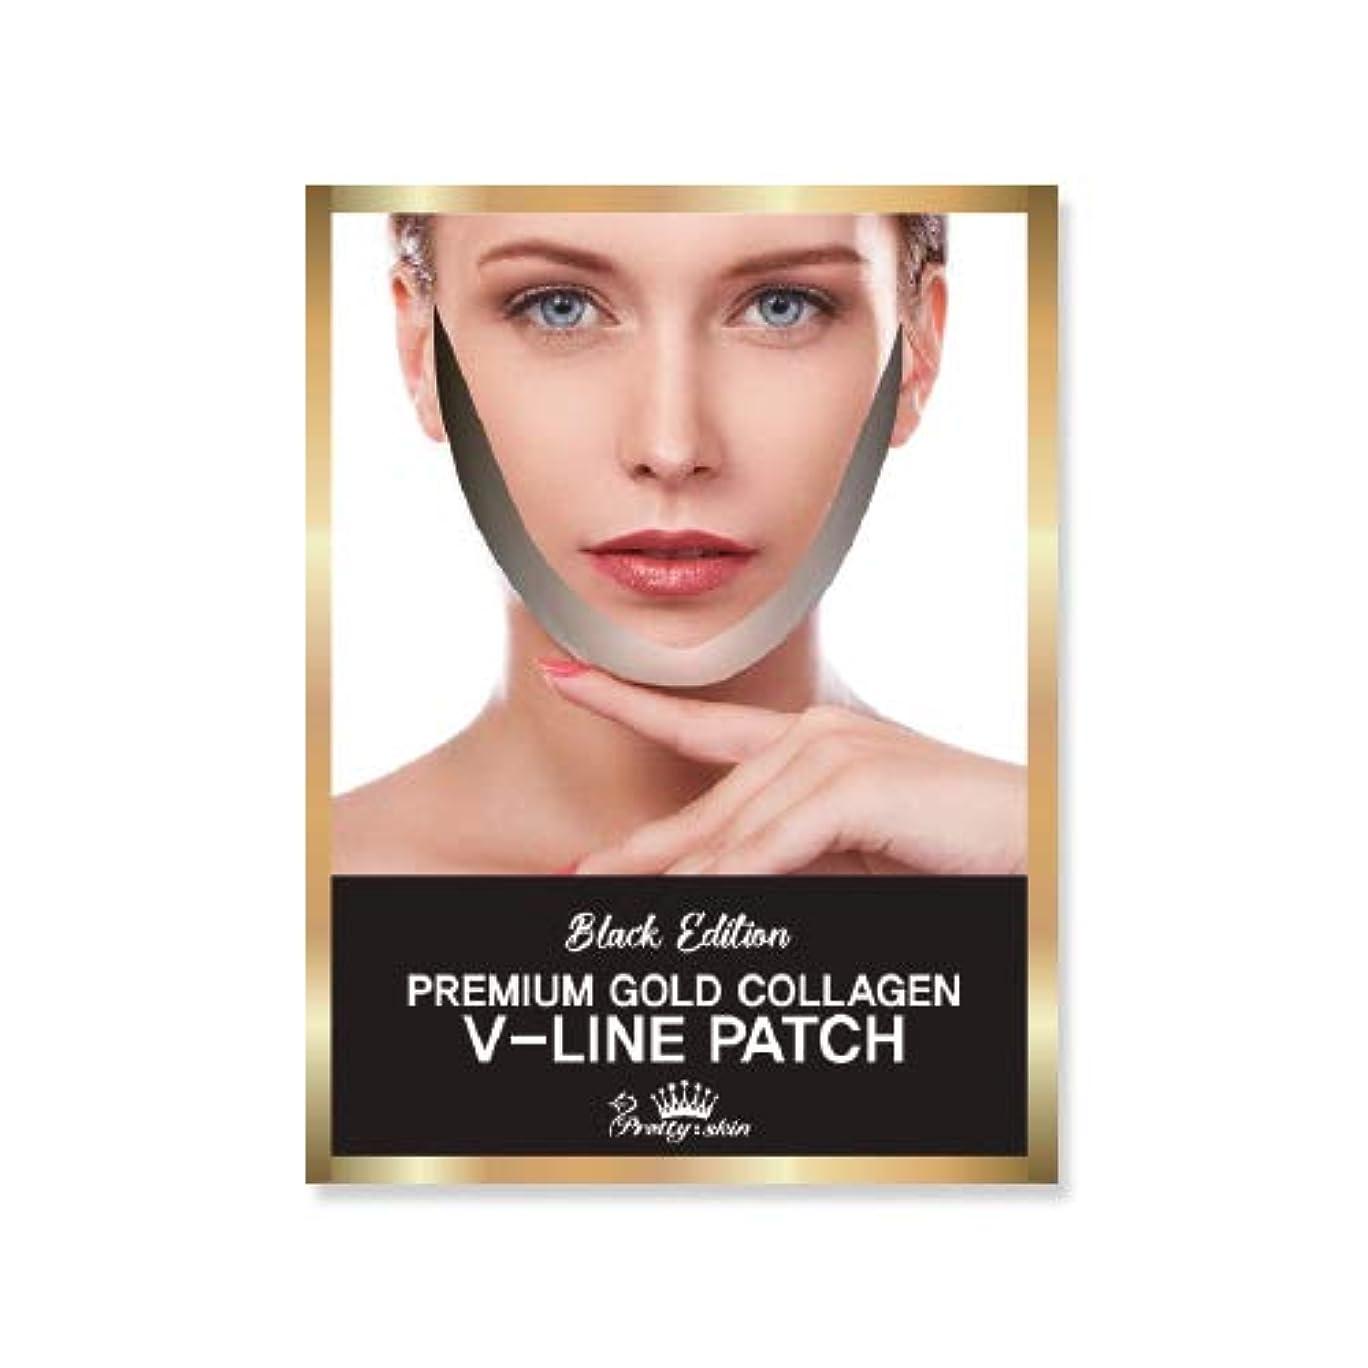 振り子思いやりのあるフクロウpretty skin プリティスキン V-LINE PATCH ブイラインパッチ リフトアップ マスク (5枚組, ブラック)